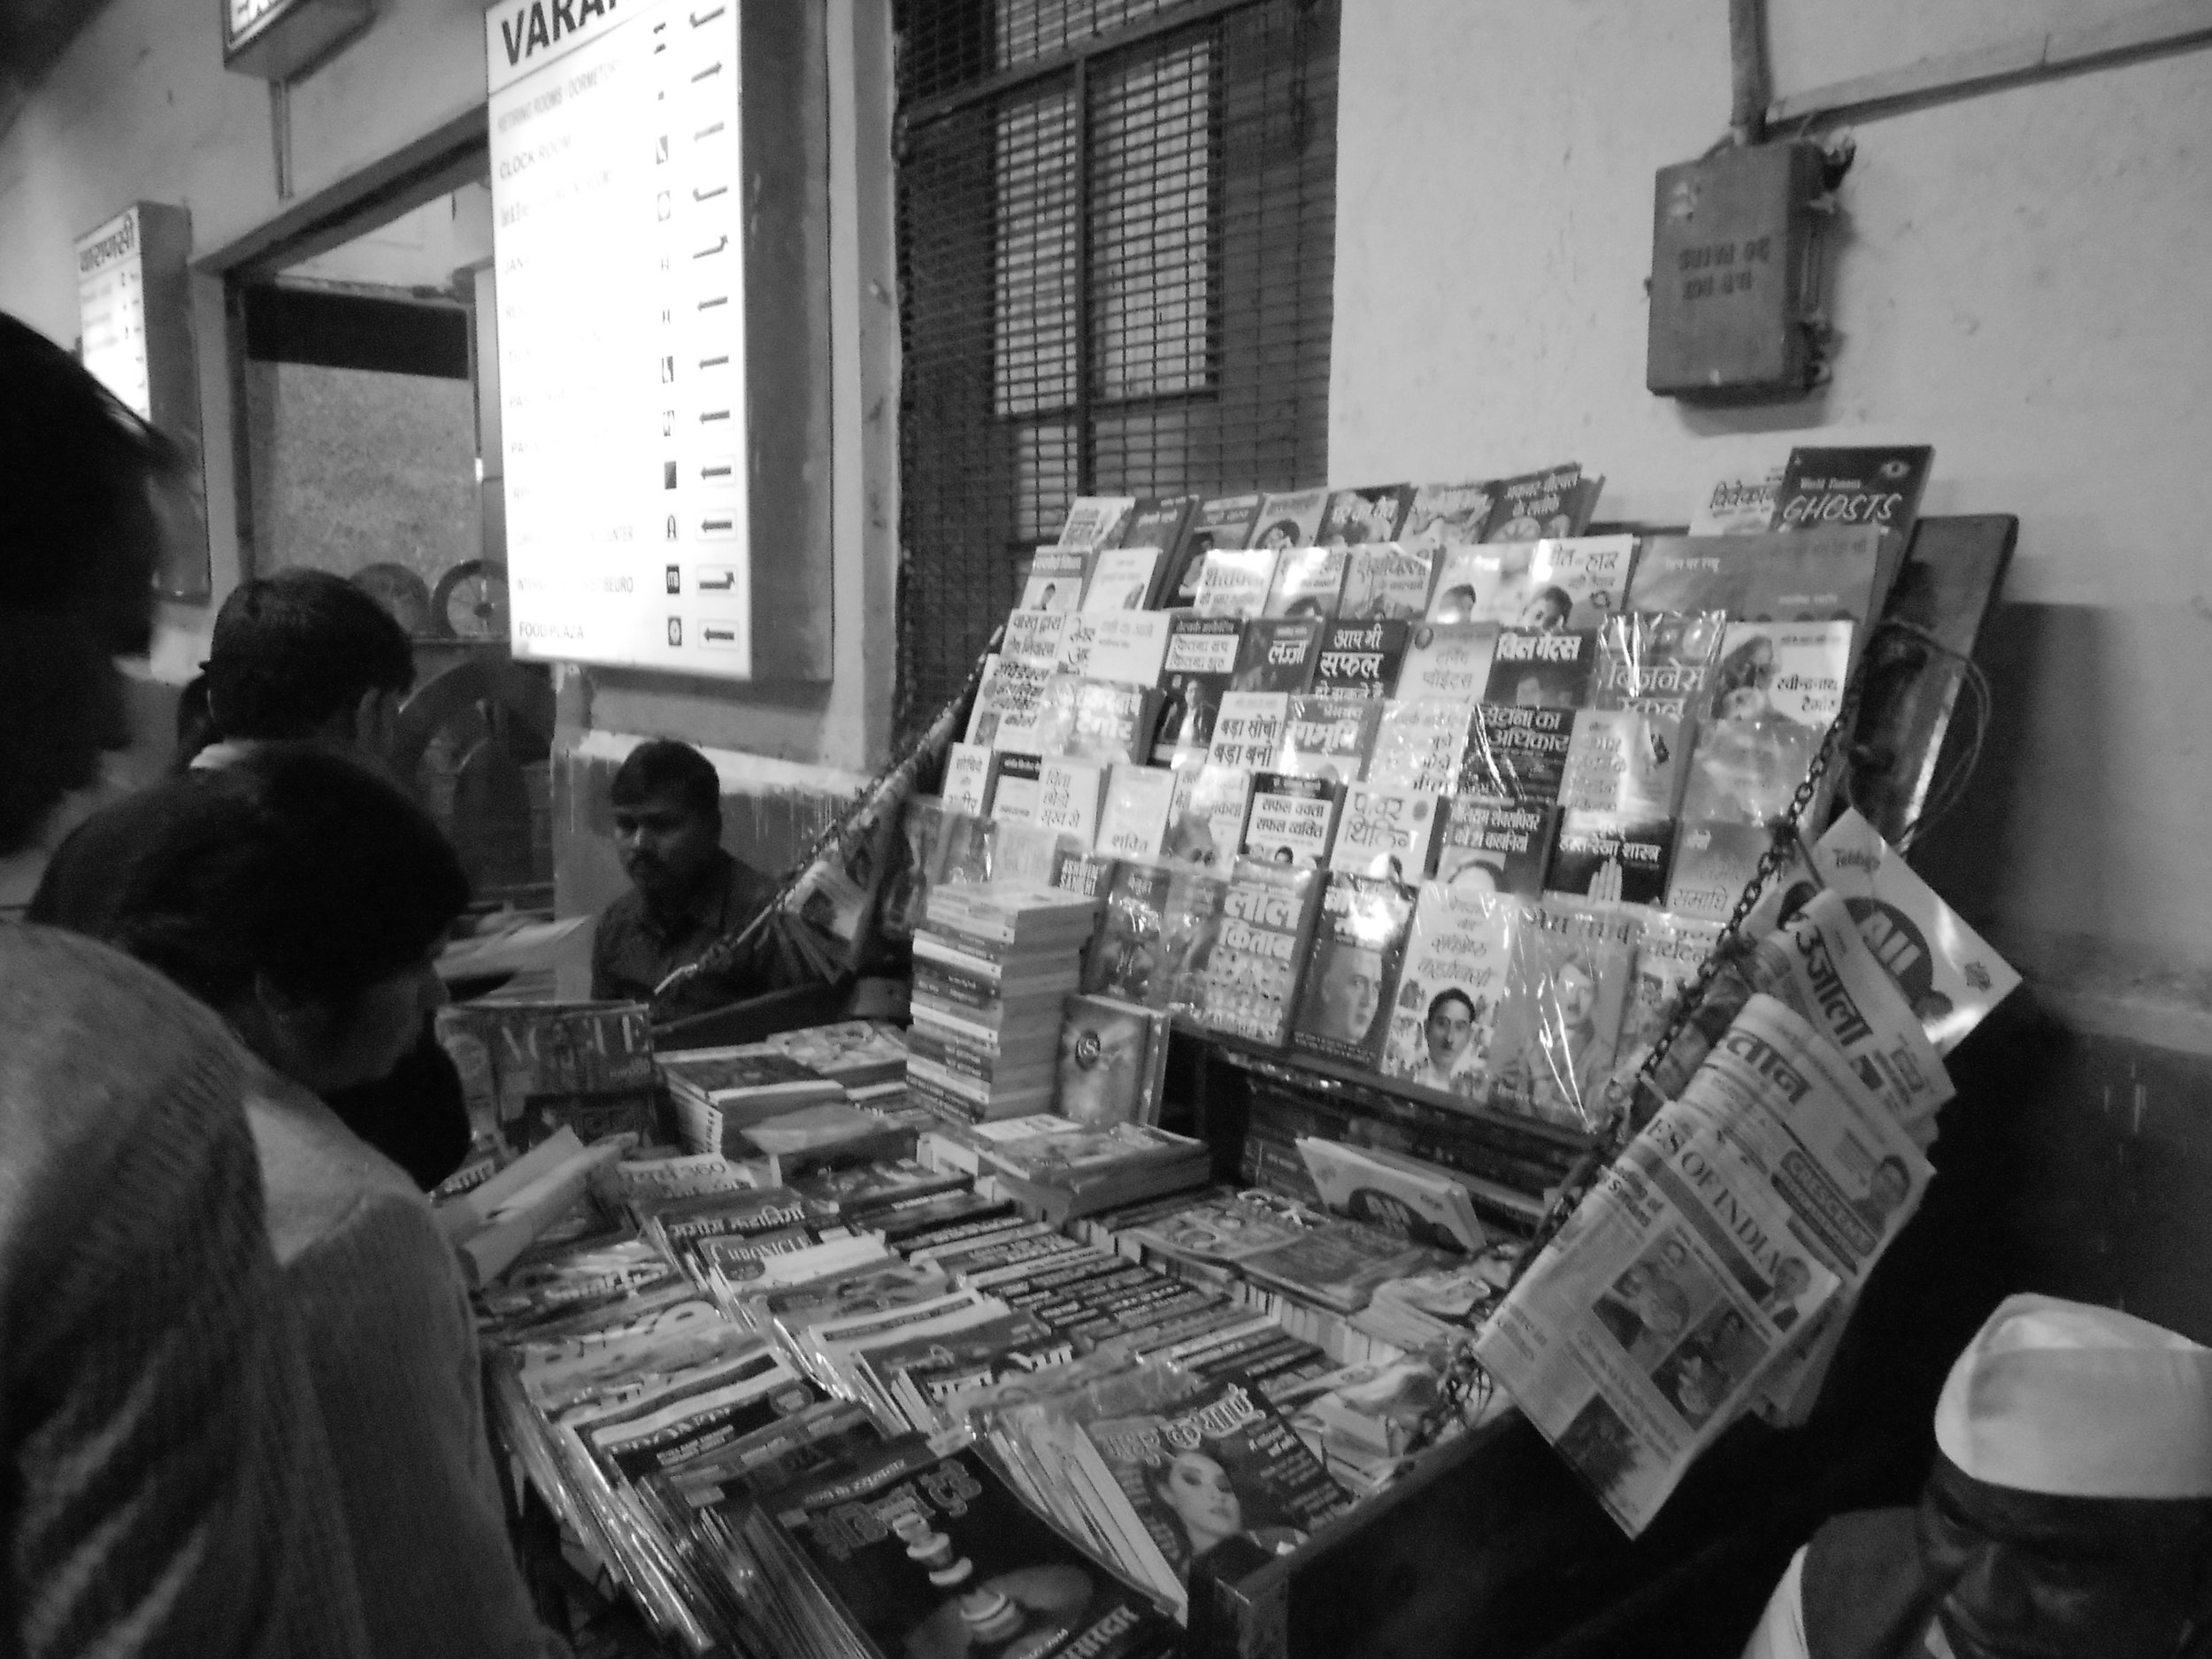 Ajmeri Gate reads